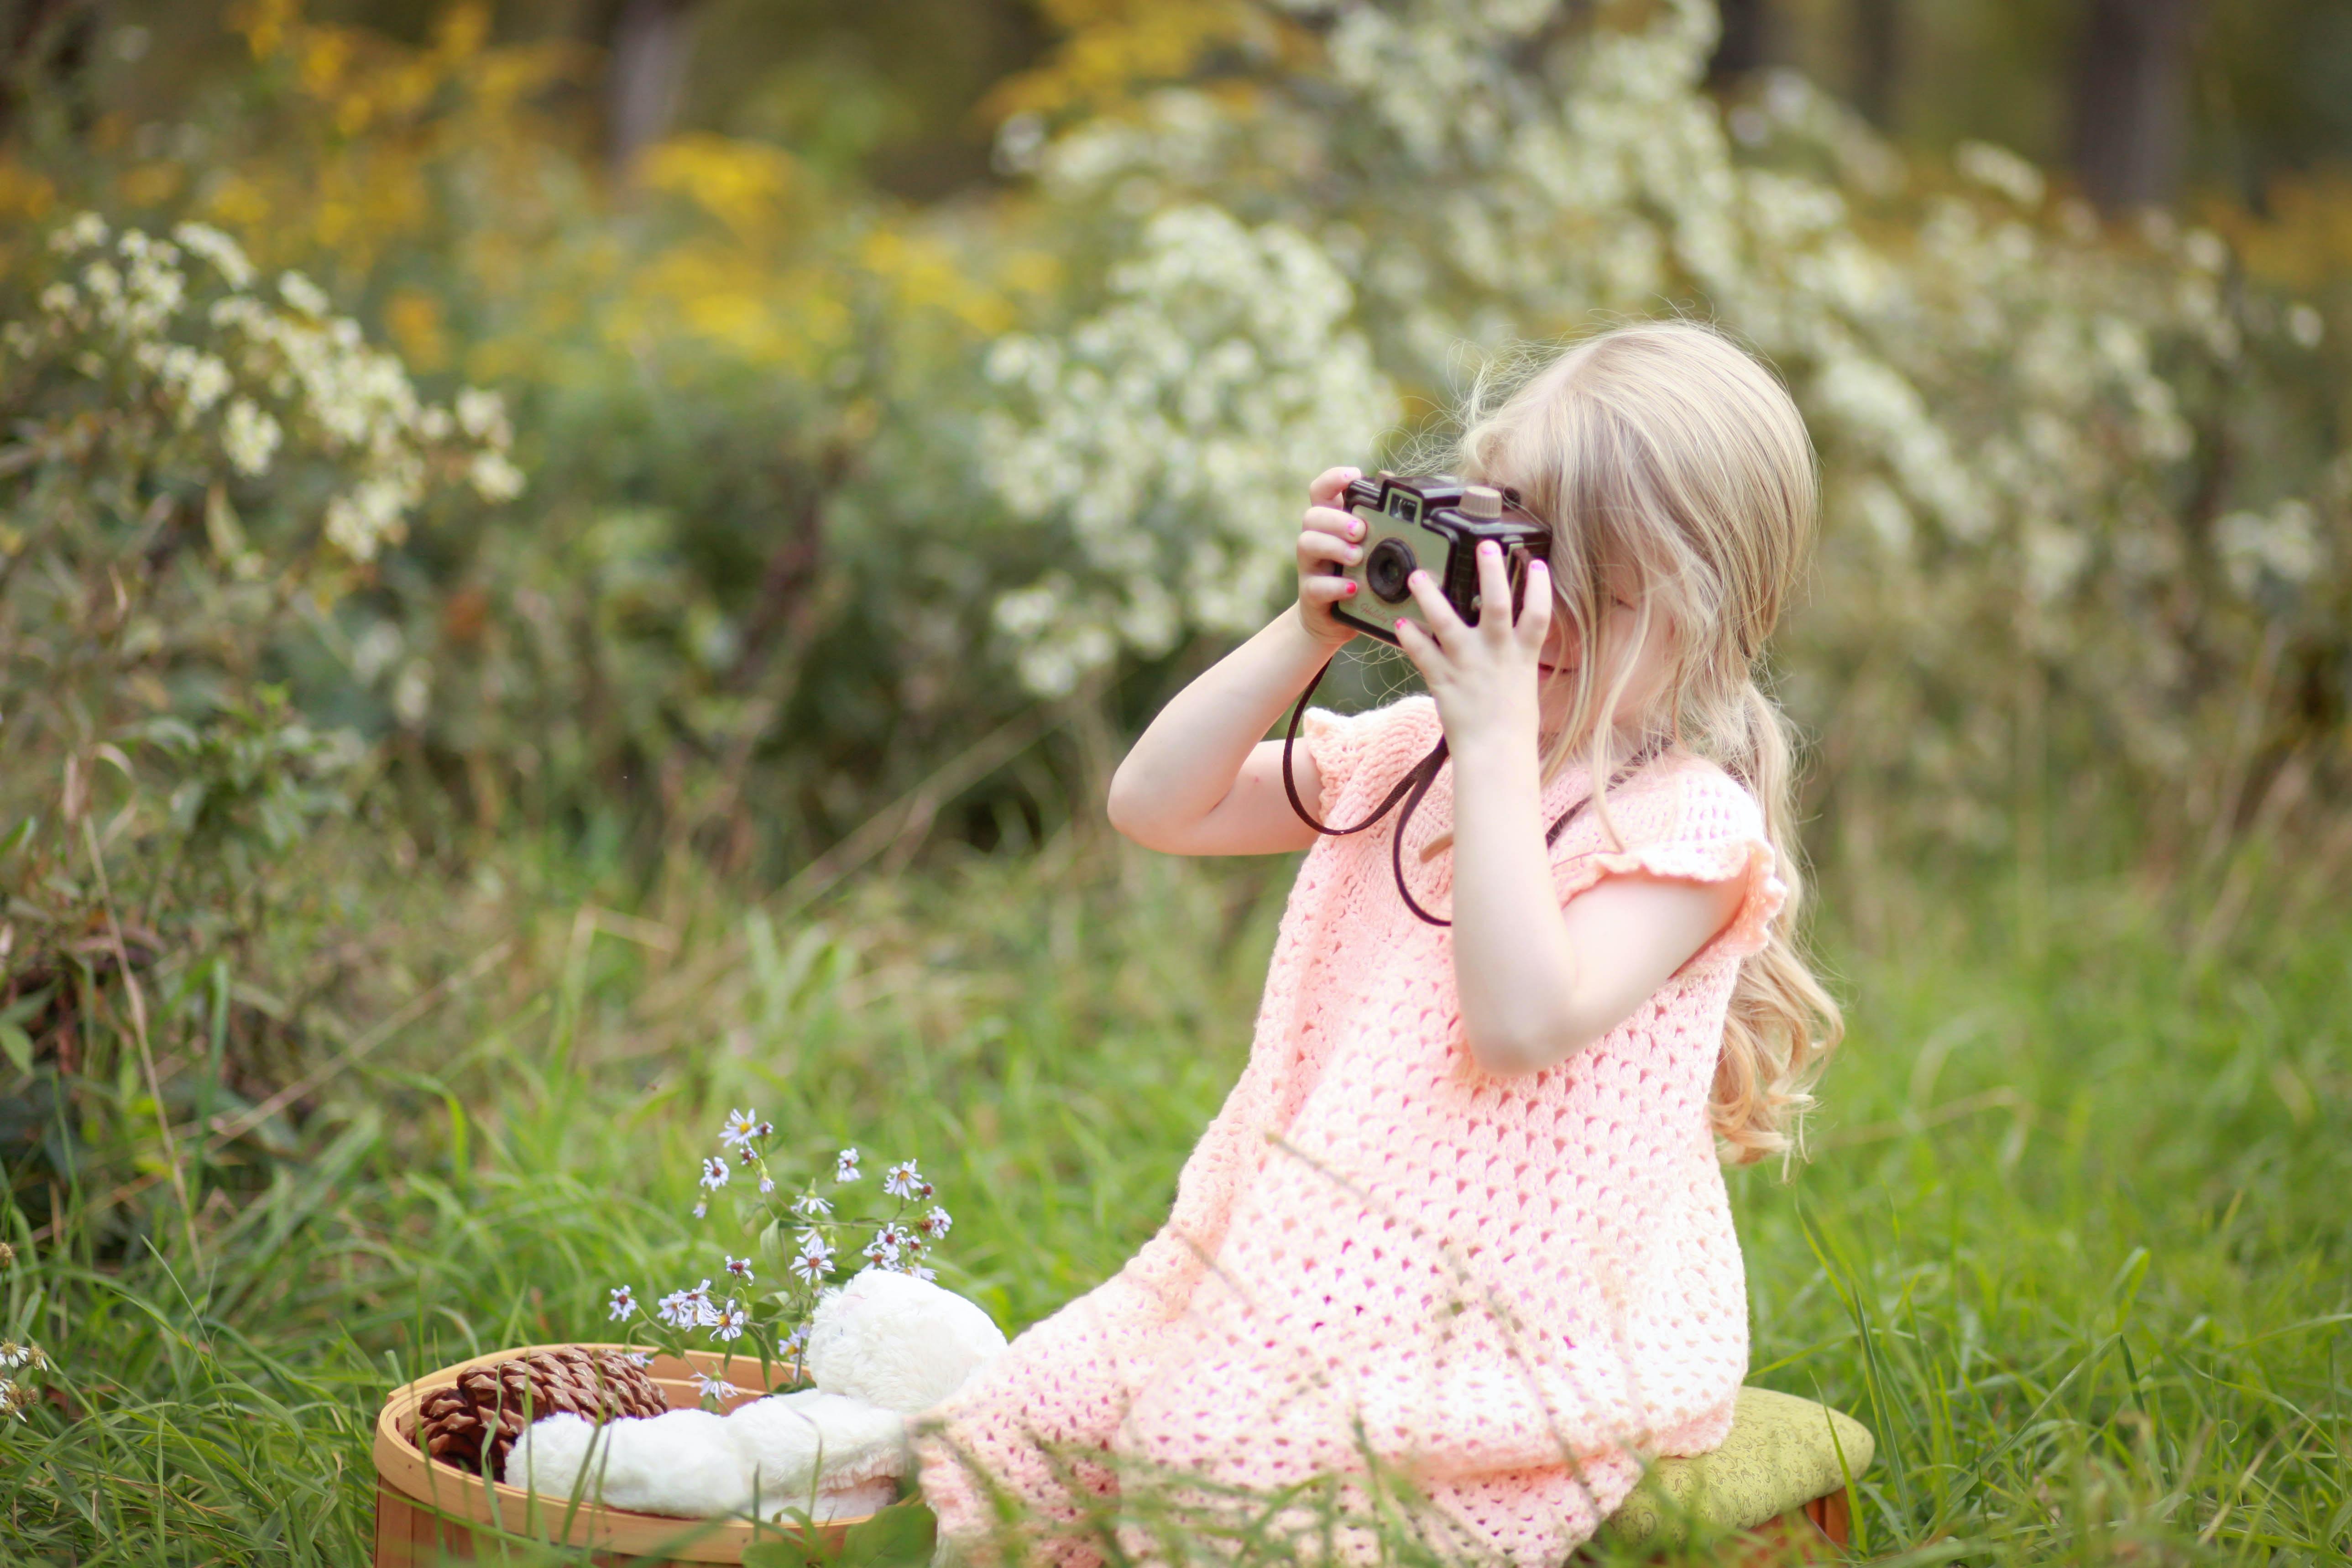 girl taking photo